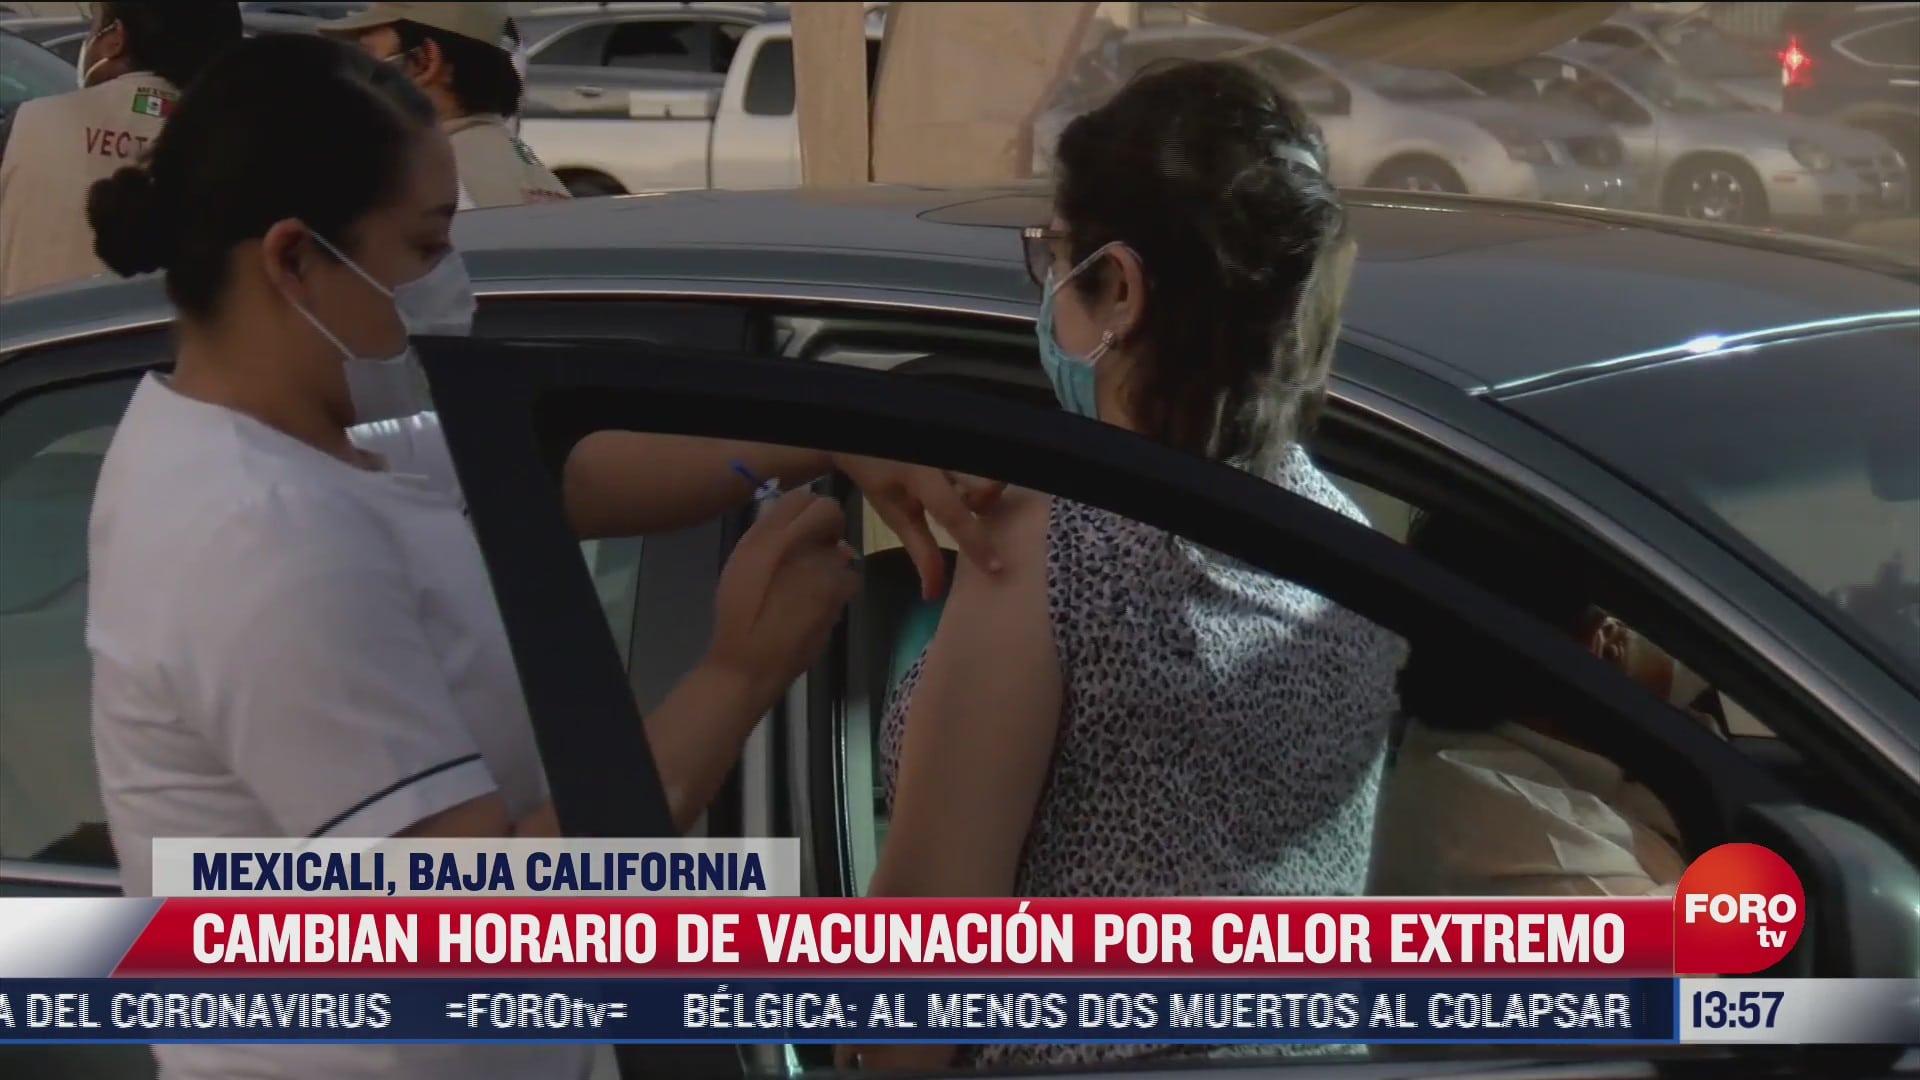 cambian horario de vacunacion por calor extremo en mexicali bc